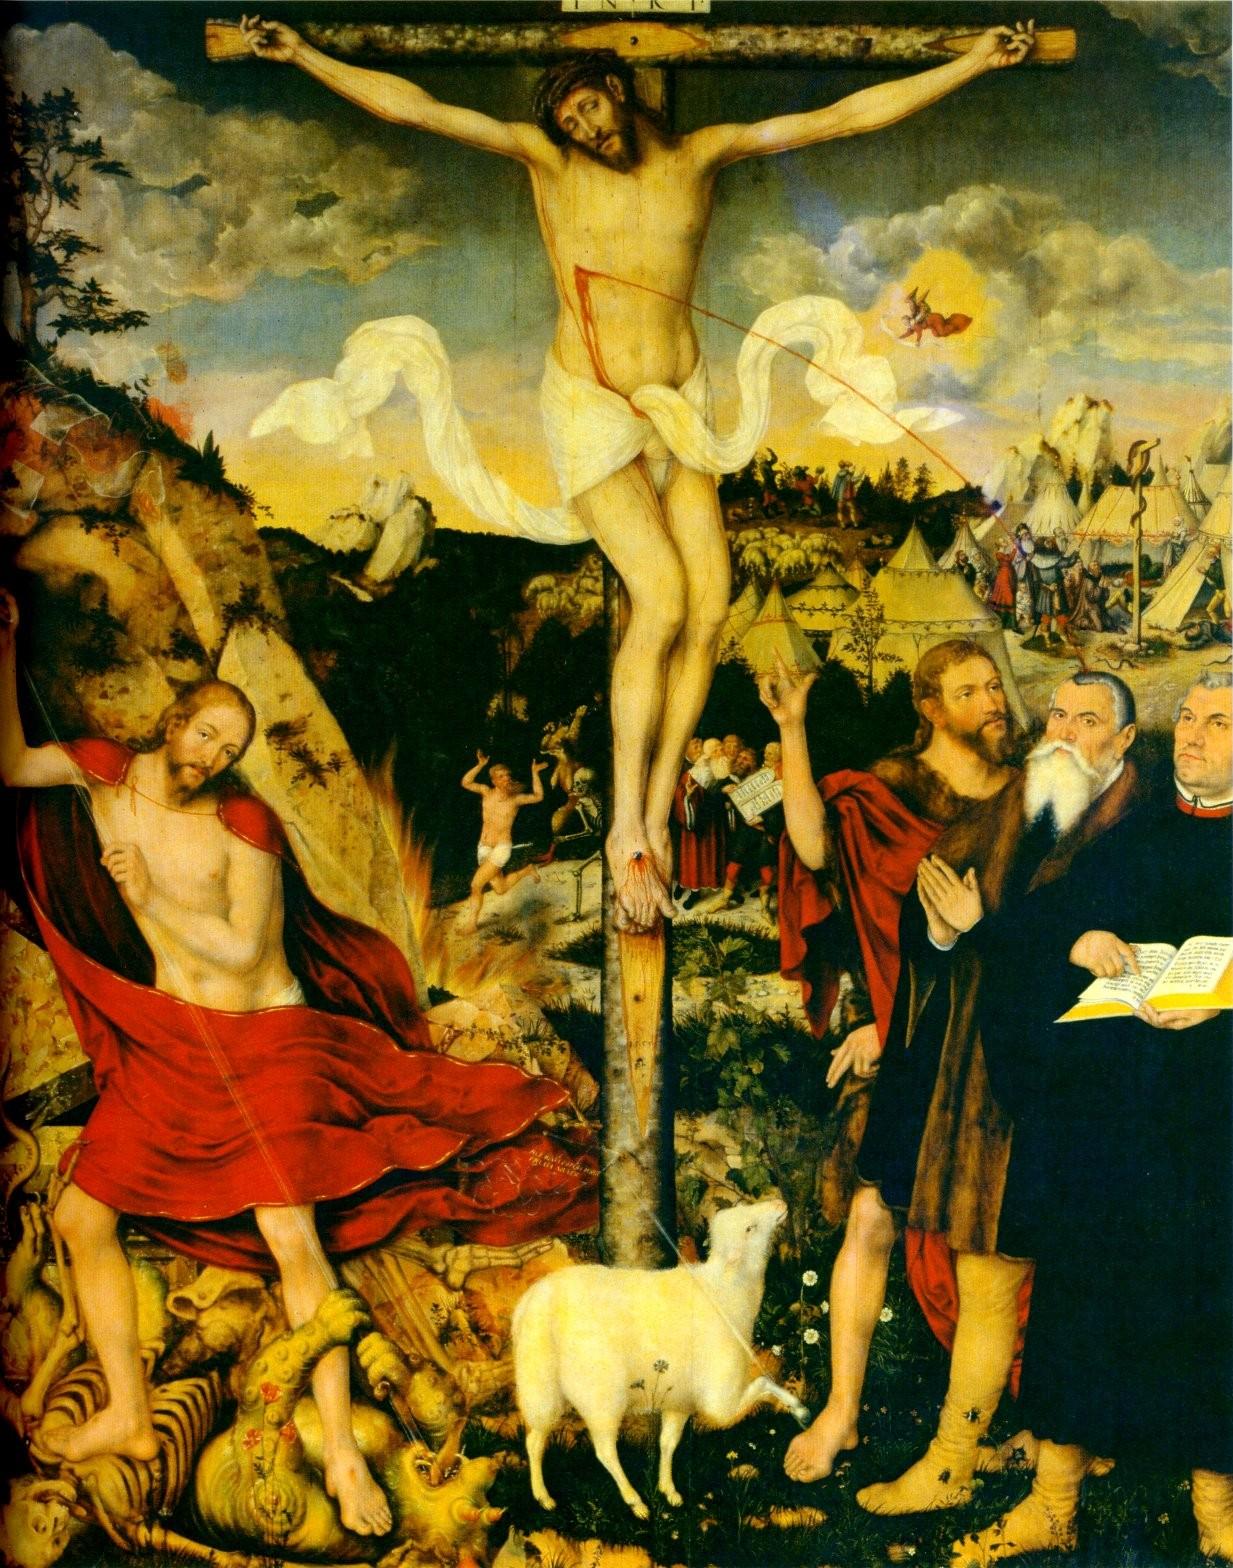 File:Weimaraltar-1555-B.jpg